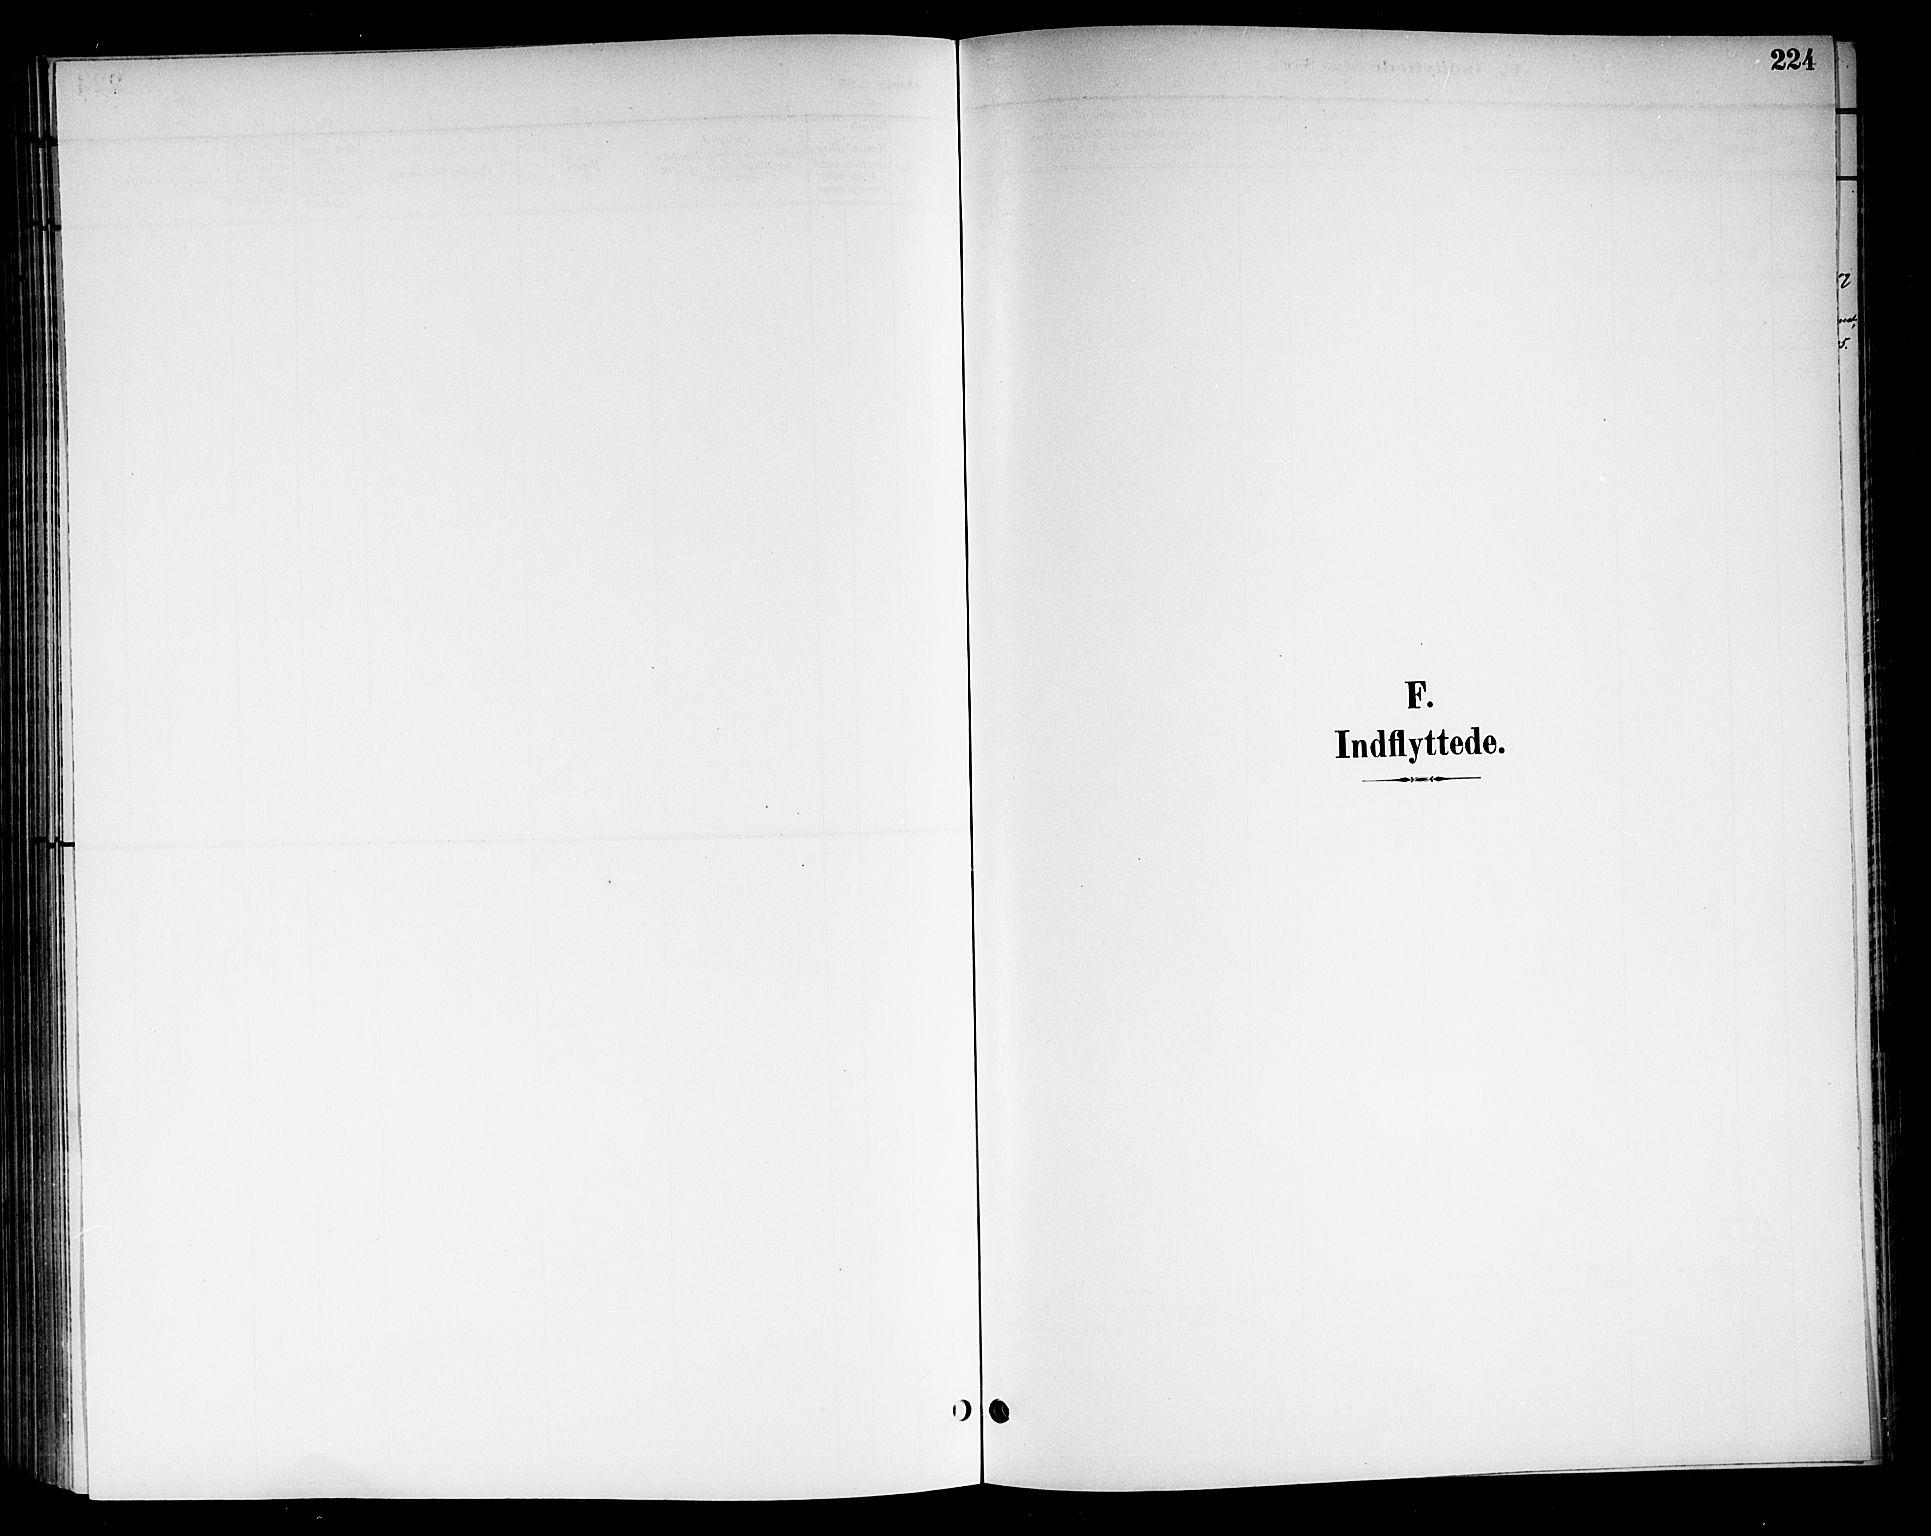 SAKO, Nore kirkebøker, G/Gb/L0003: Klokkerbok nr. II 3, 1894-1923, s. 224